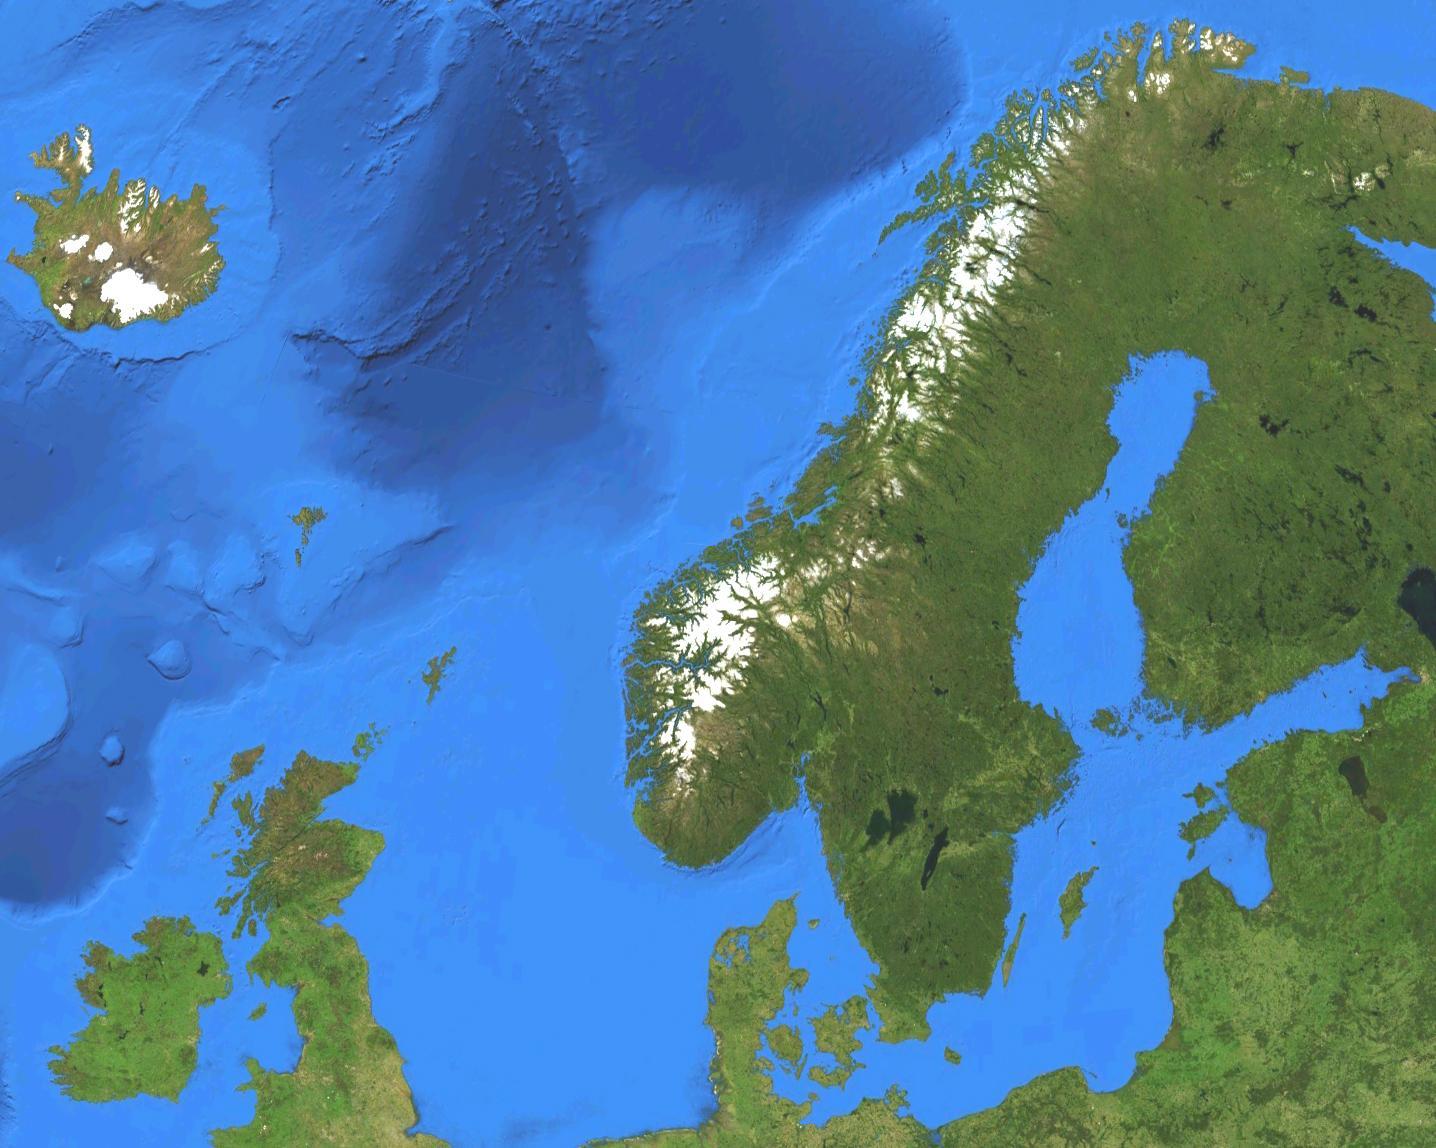 Norja Satelliitti Kartta Kartta Norjan Satelliitti Pohjois